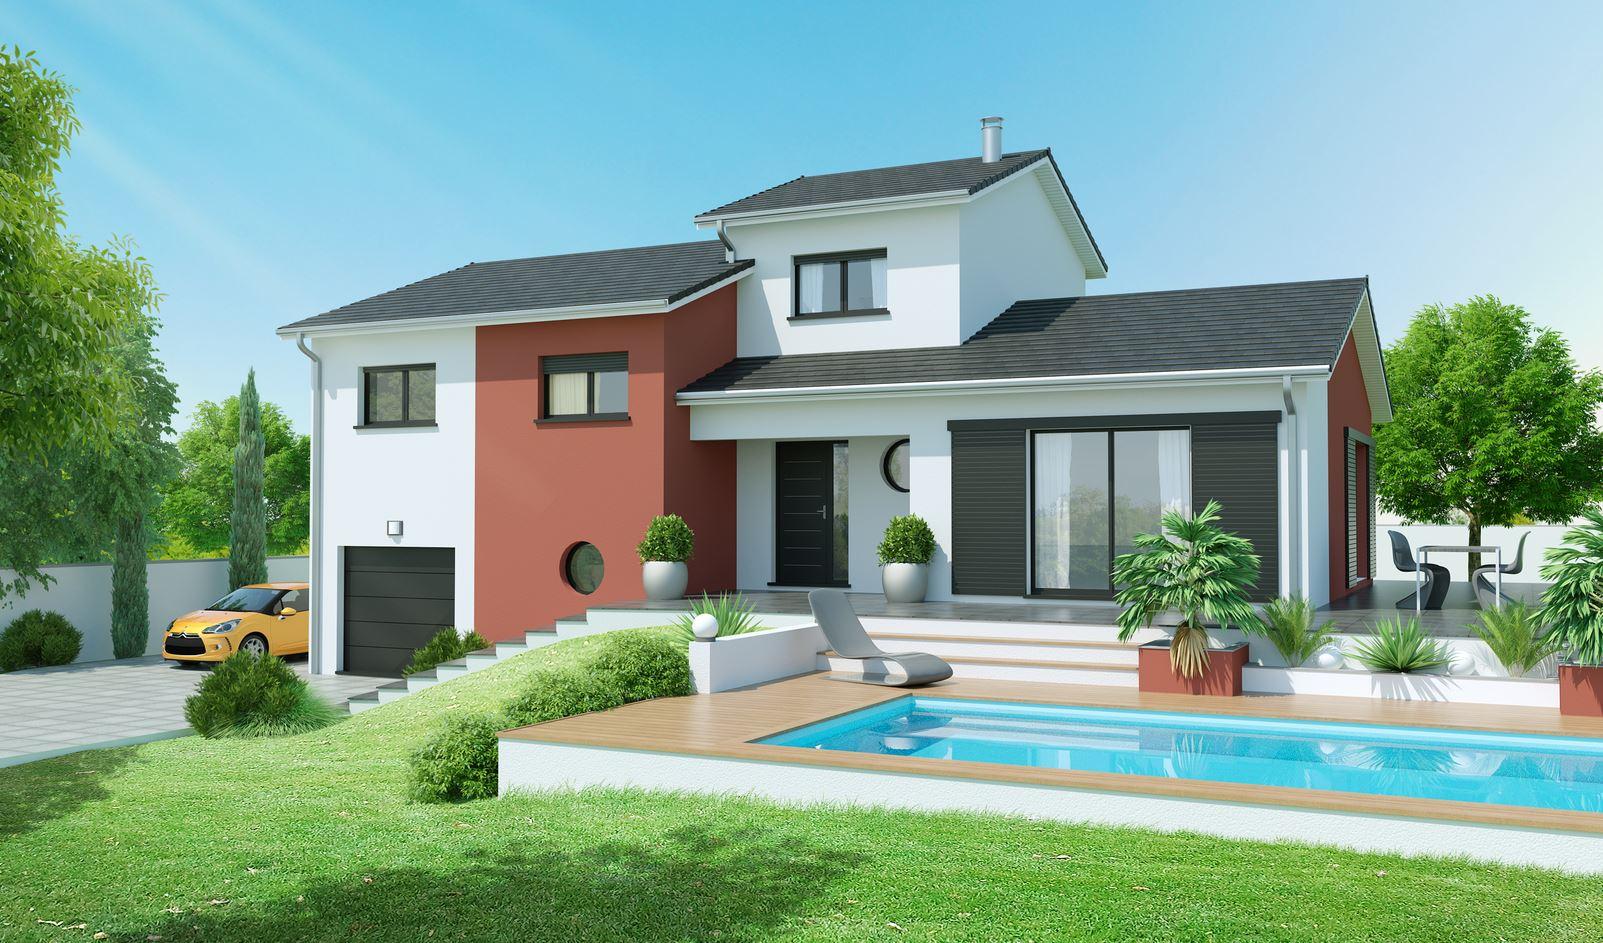 Louer une maison à Nantes parce que la famille s'agrandit